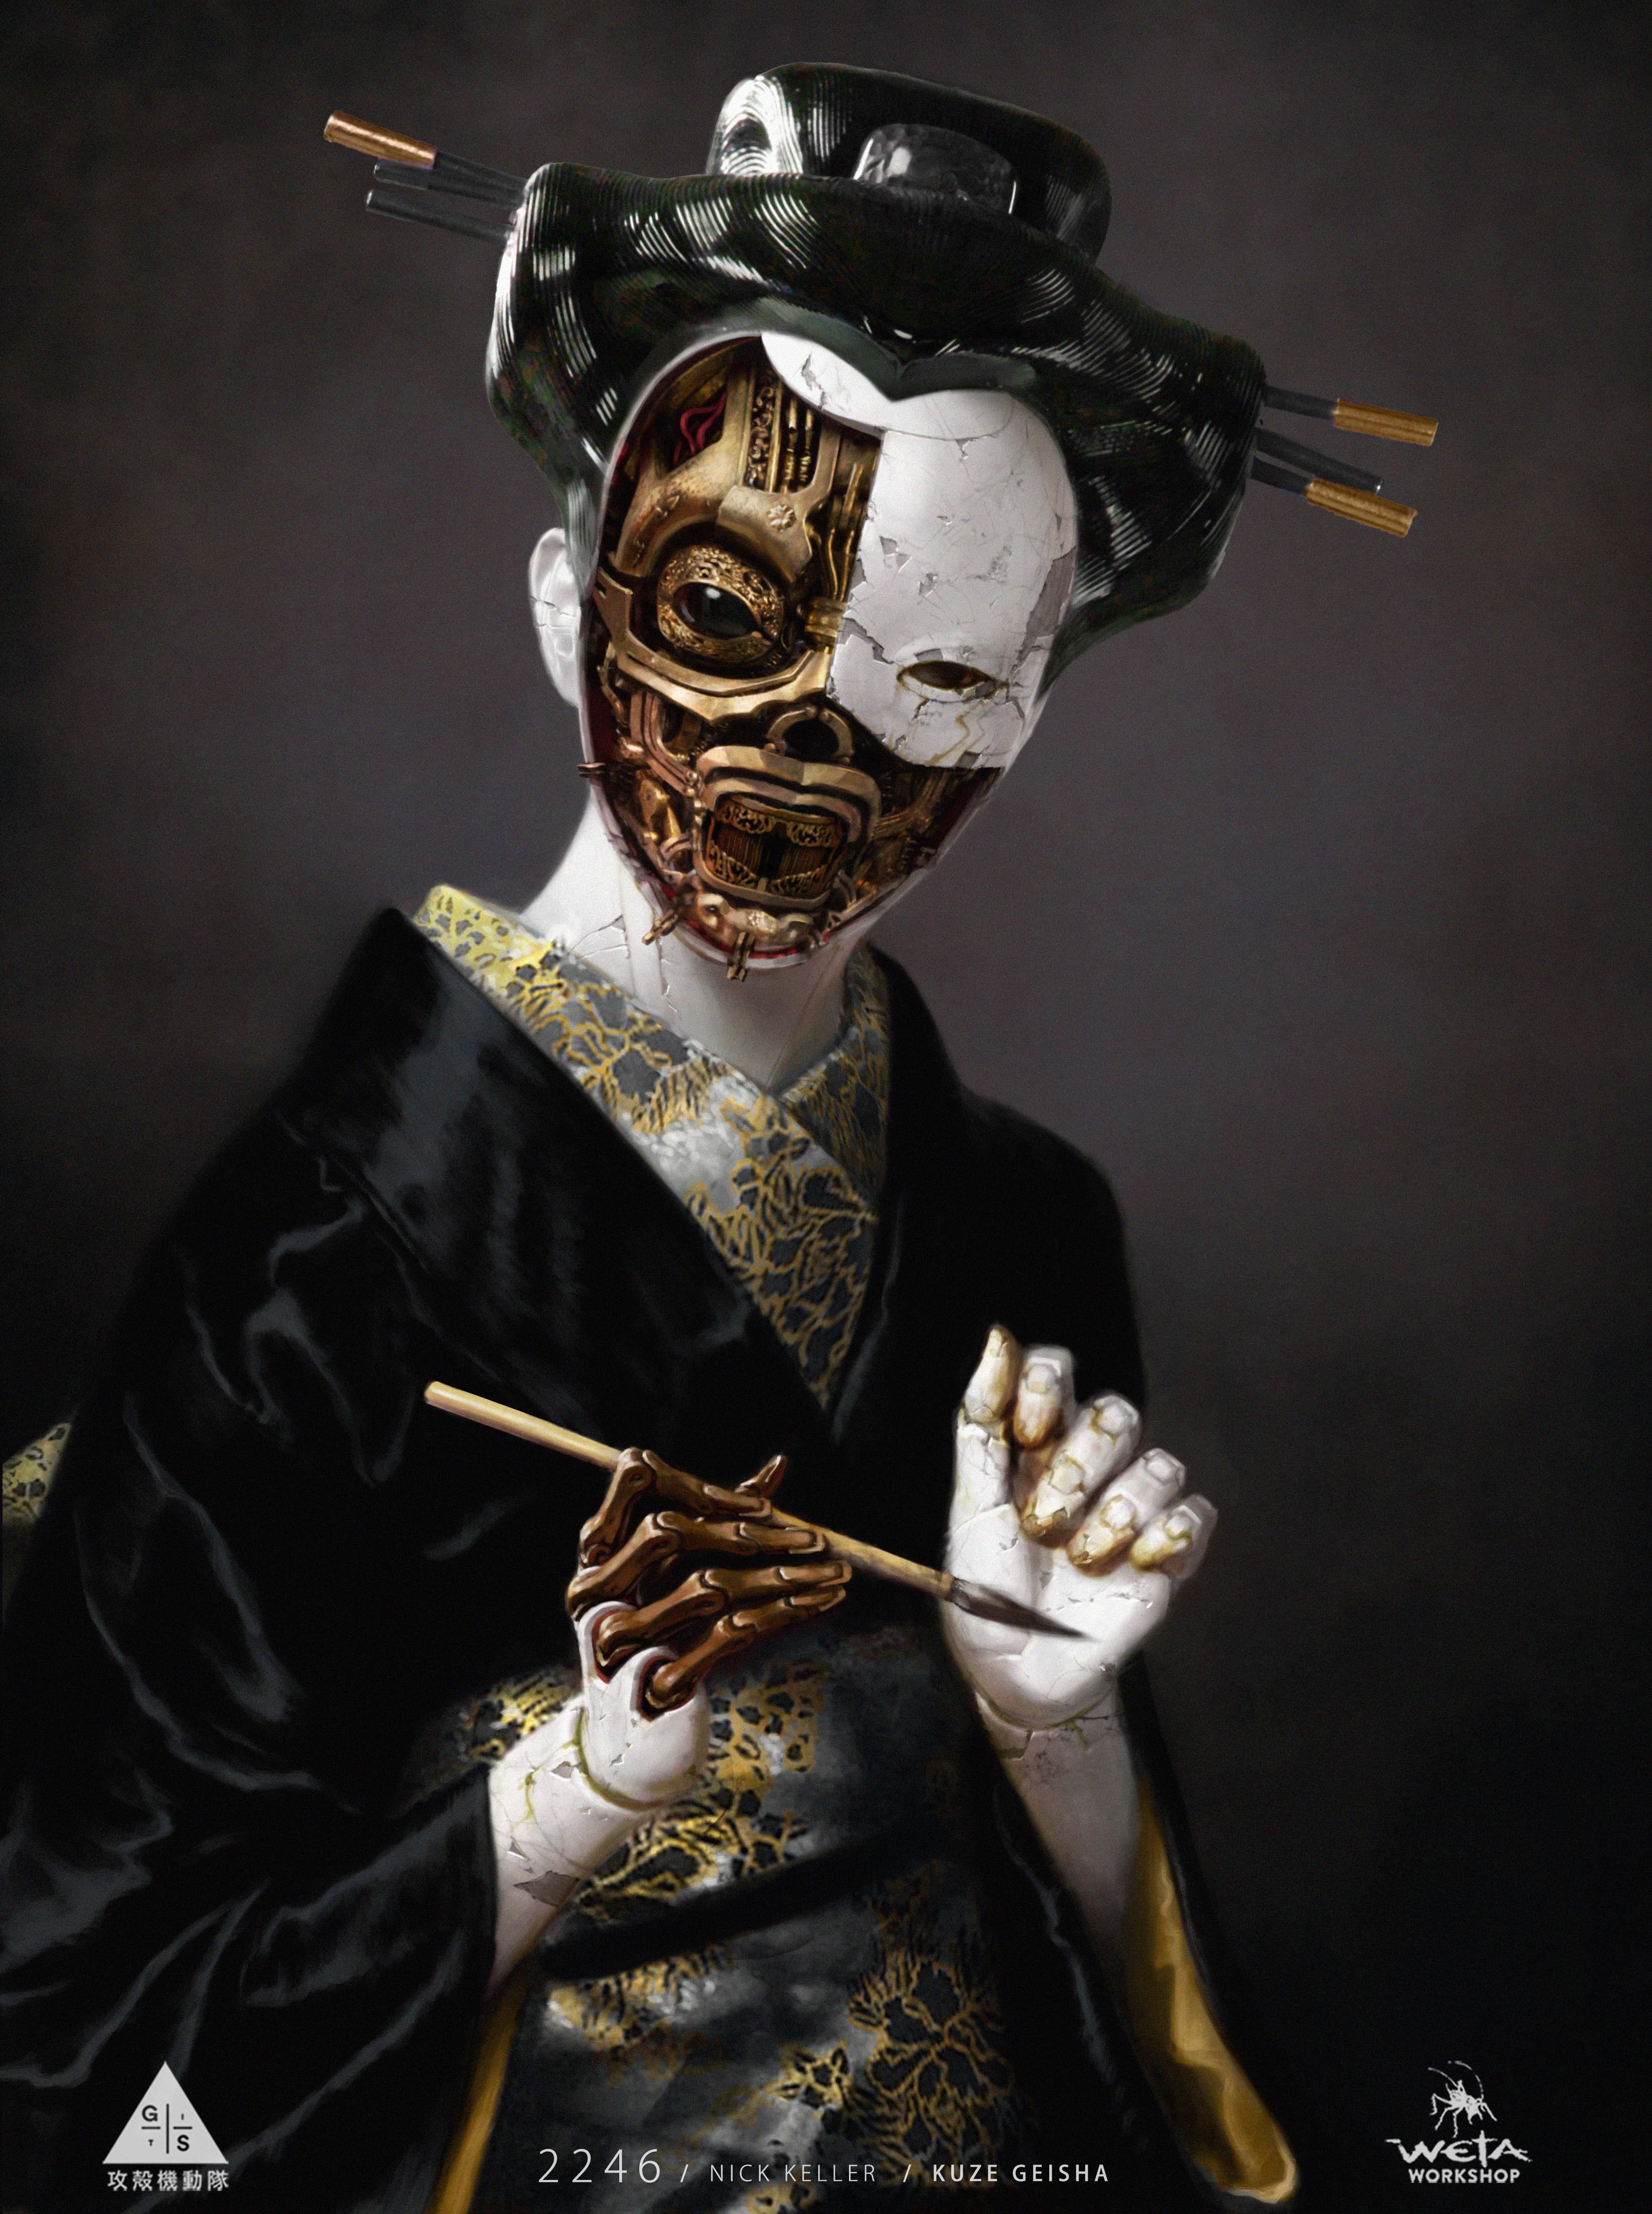 Open Geisha Design - Artist: Nick Keller